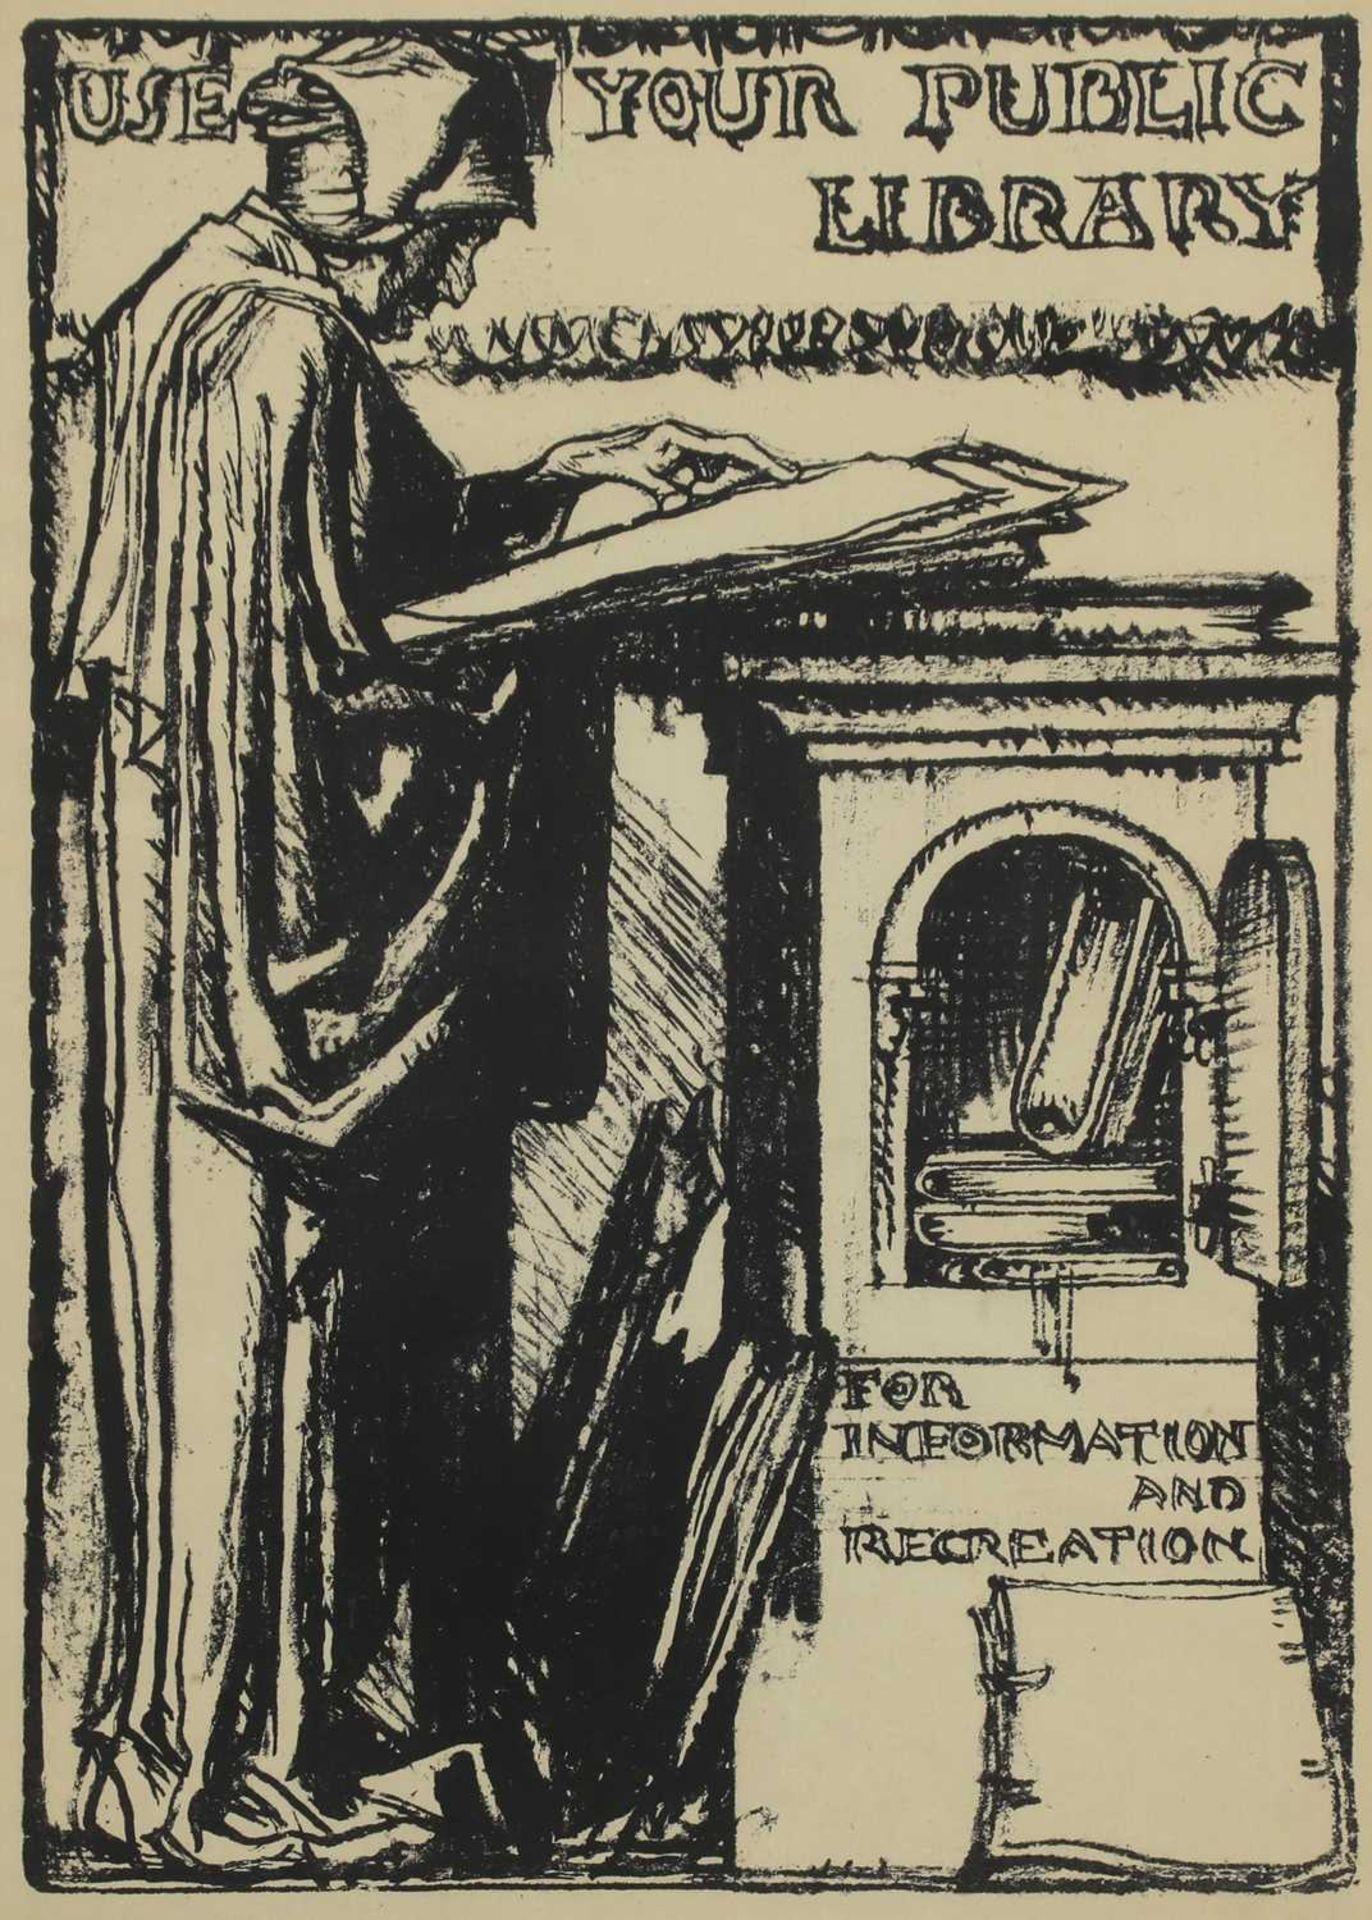 *Sir Frank Brangwyn (1867-1956) - Image 2 of 2